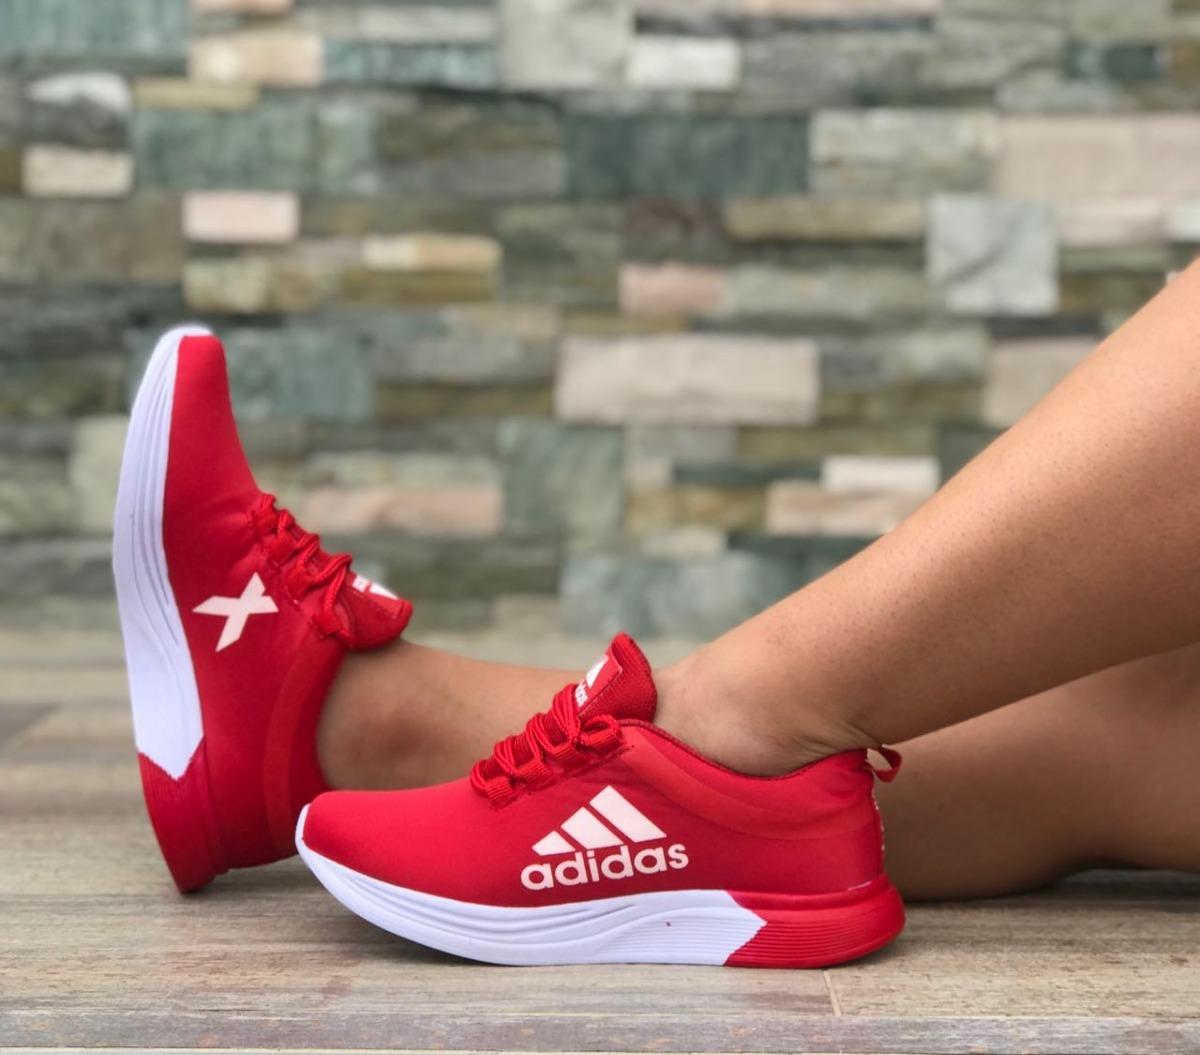 90 Adidas Gratis Tenis Unisex 000 Nueva X 2018 Envio